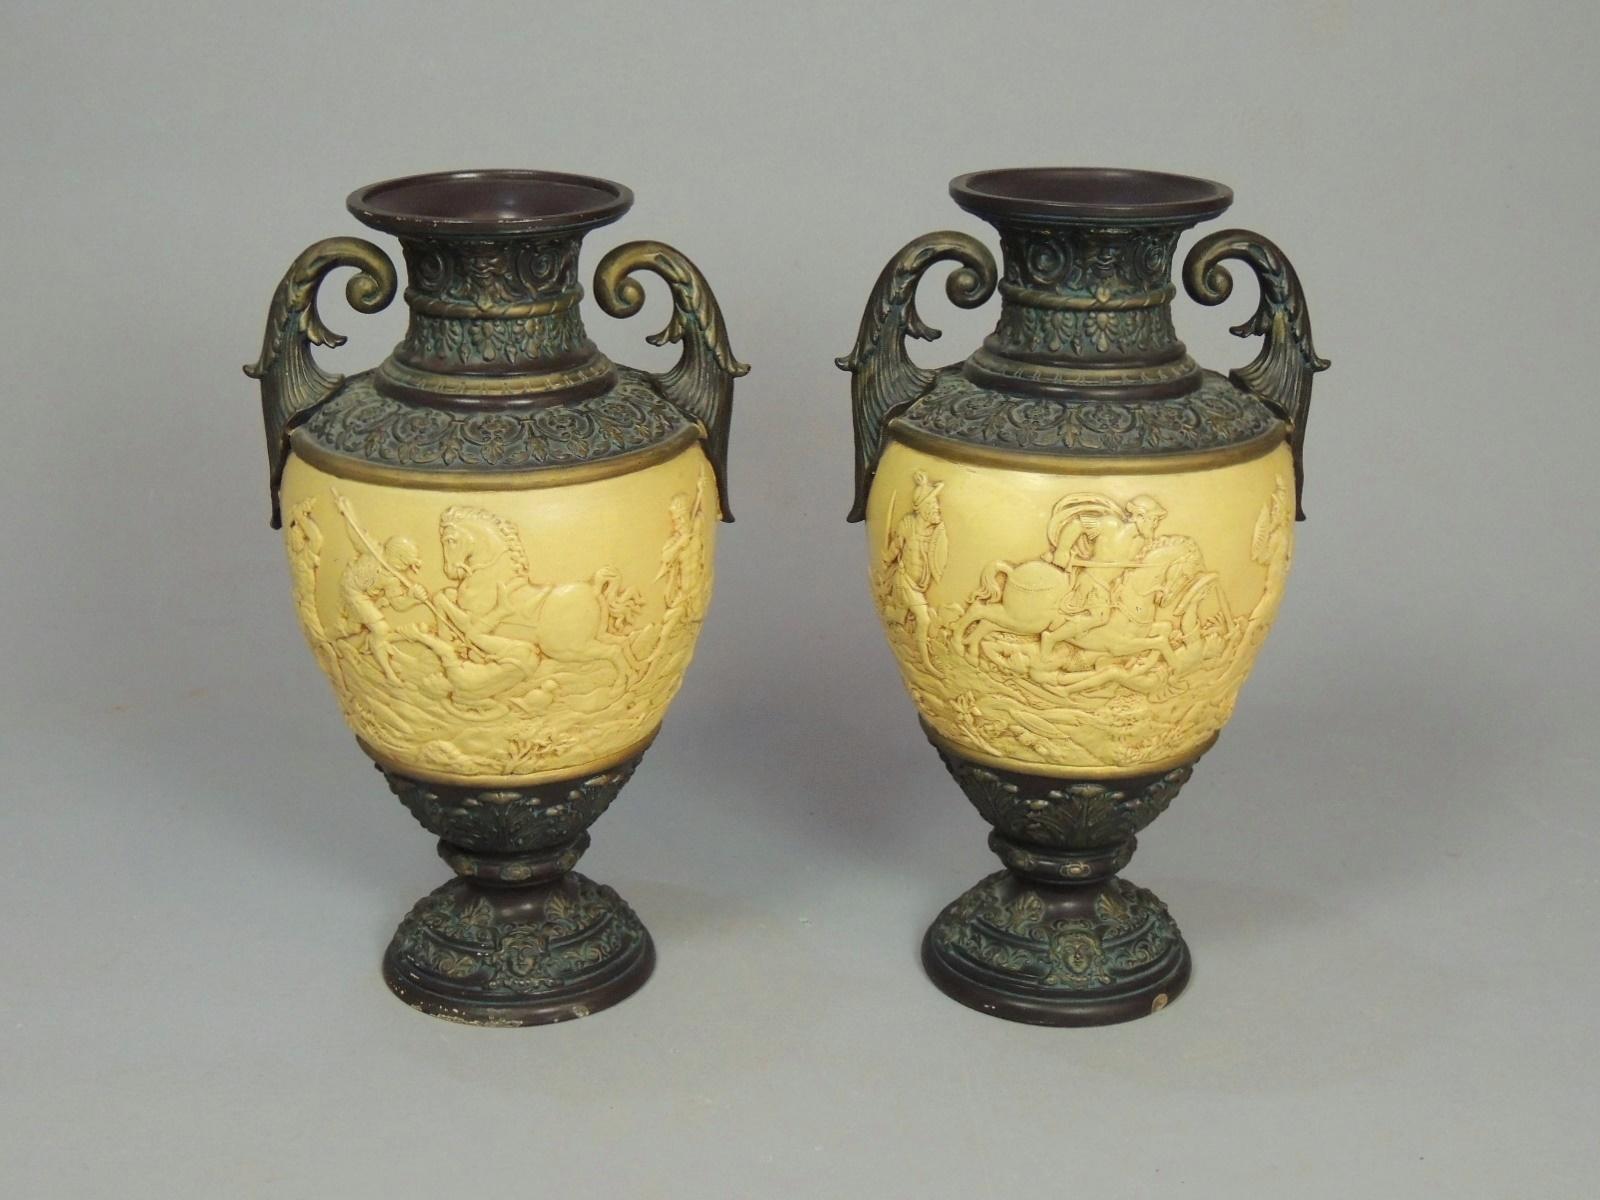 Arte E Antiquariato Arredamento D'antiquariato Antico Piatto In Terracotta A Bossorilievo Con Scene Neoclassiche